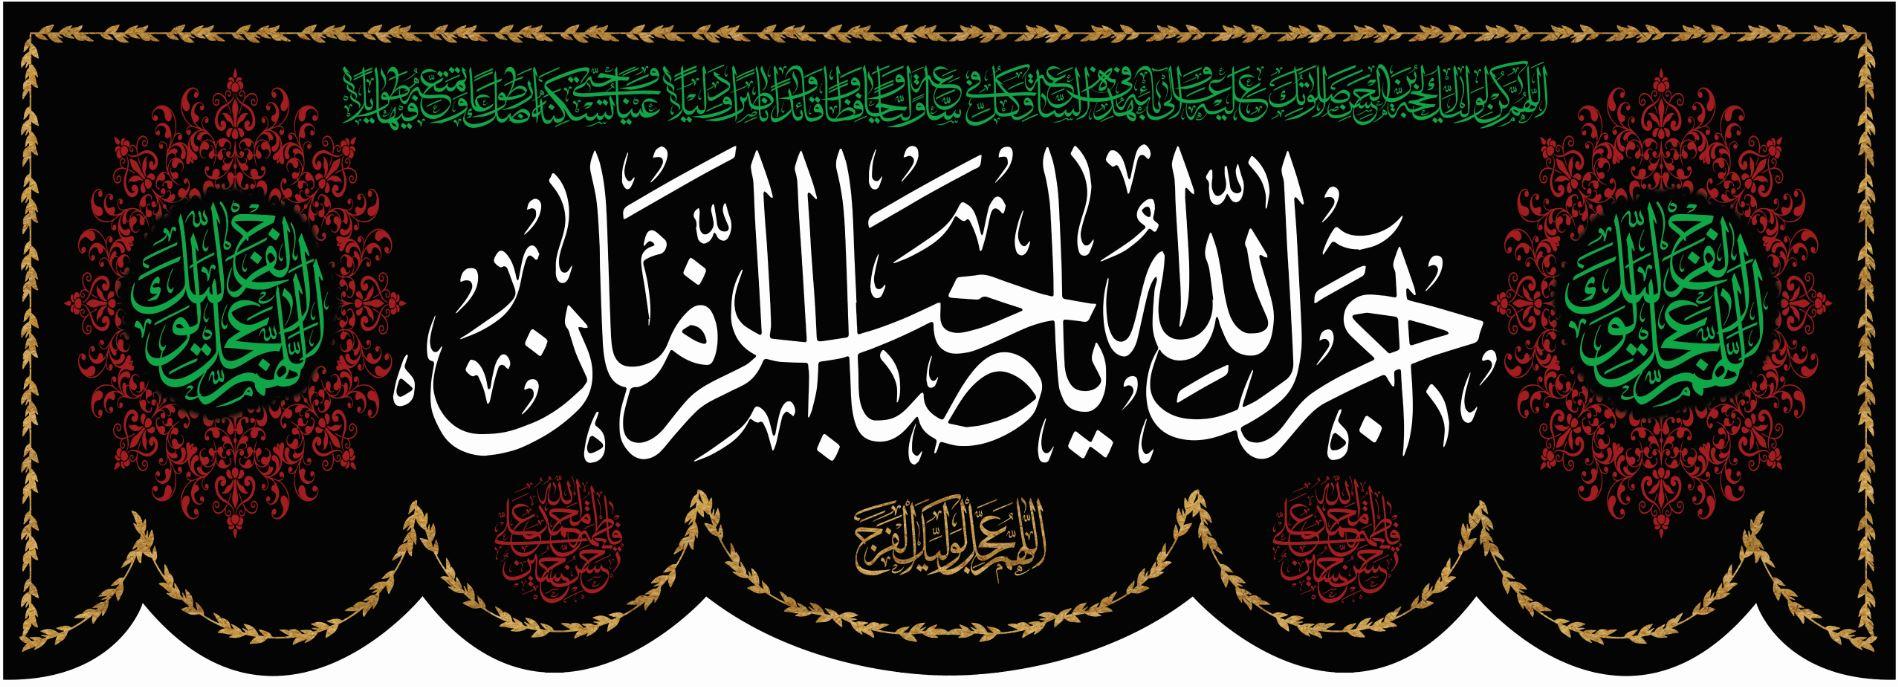 تصویر از پرچم حضرت فاطمه (س) مدل01114